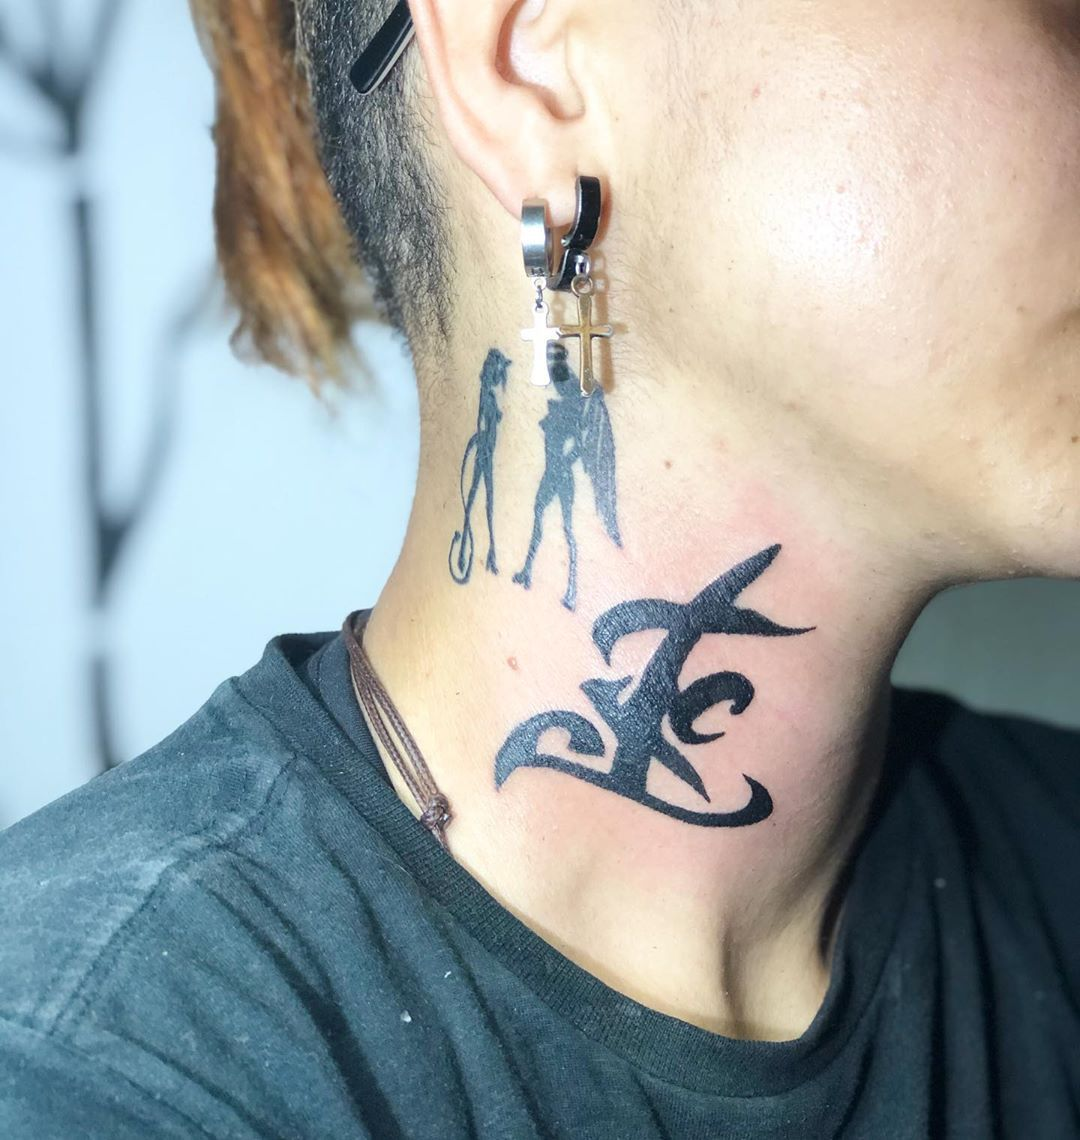 Runa da resistência  Seriado : Shadowhunters  @domshewrood @kat.mcnamara ❤️ #shadowhunters #tattoo2me #tattooartist #tattoostyle #tattooart #tatuagem #tattoobuzios #buziostattoo #tattoolifestyle #tatuagembrasil #shadowhunterstattoo #runatattoo.